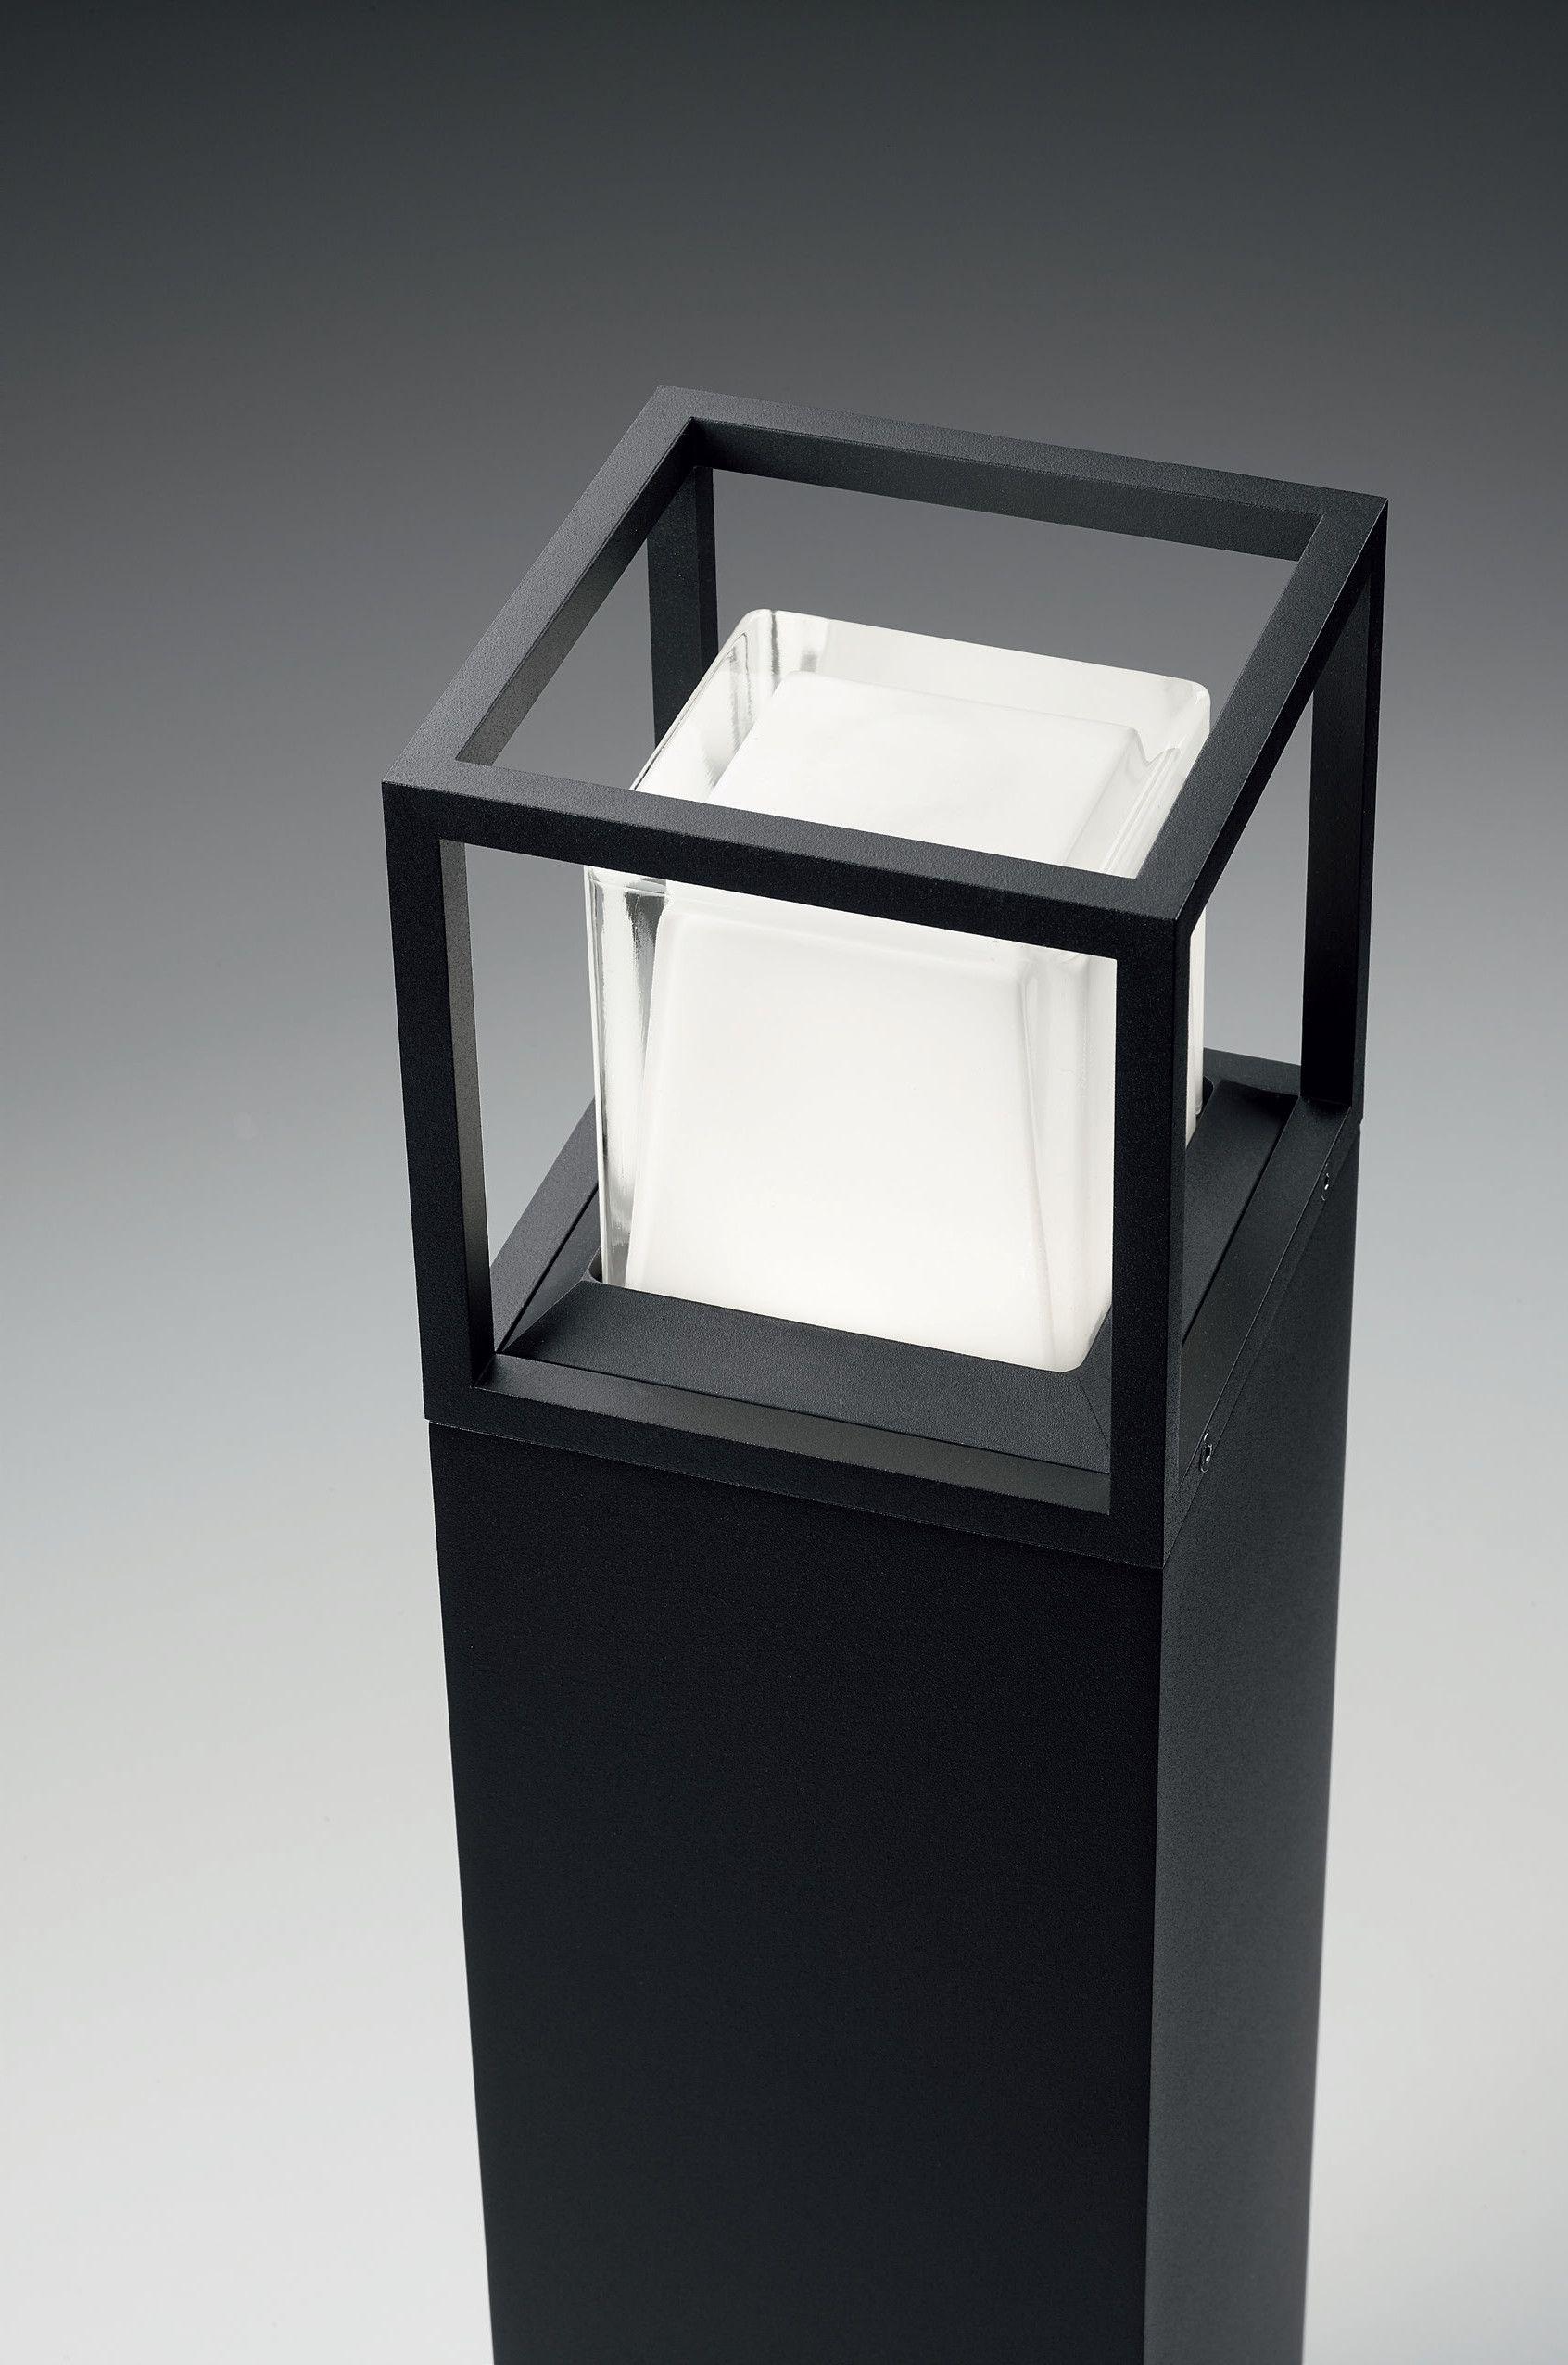 Delta 3 Light Bathroom Vanity Light: MONTUR M P 70 LED Bollard Light By Delta Light